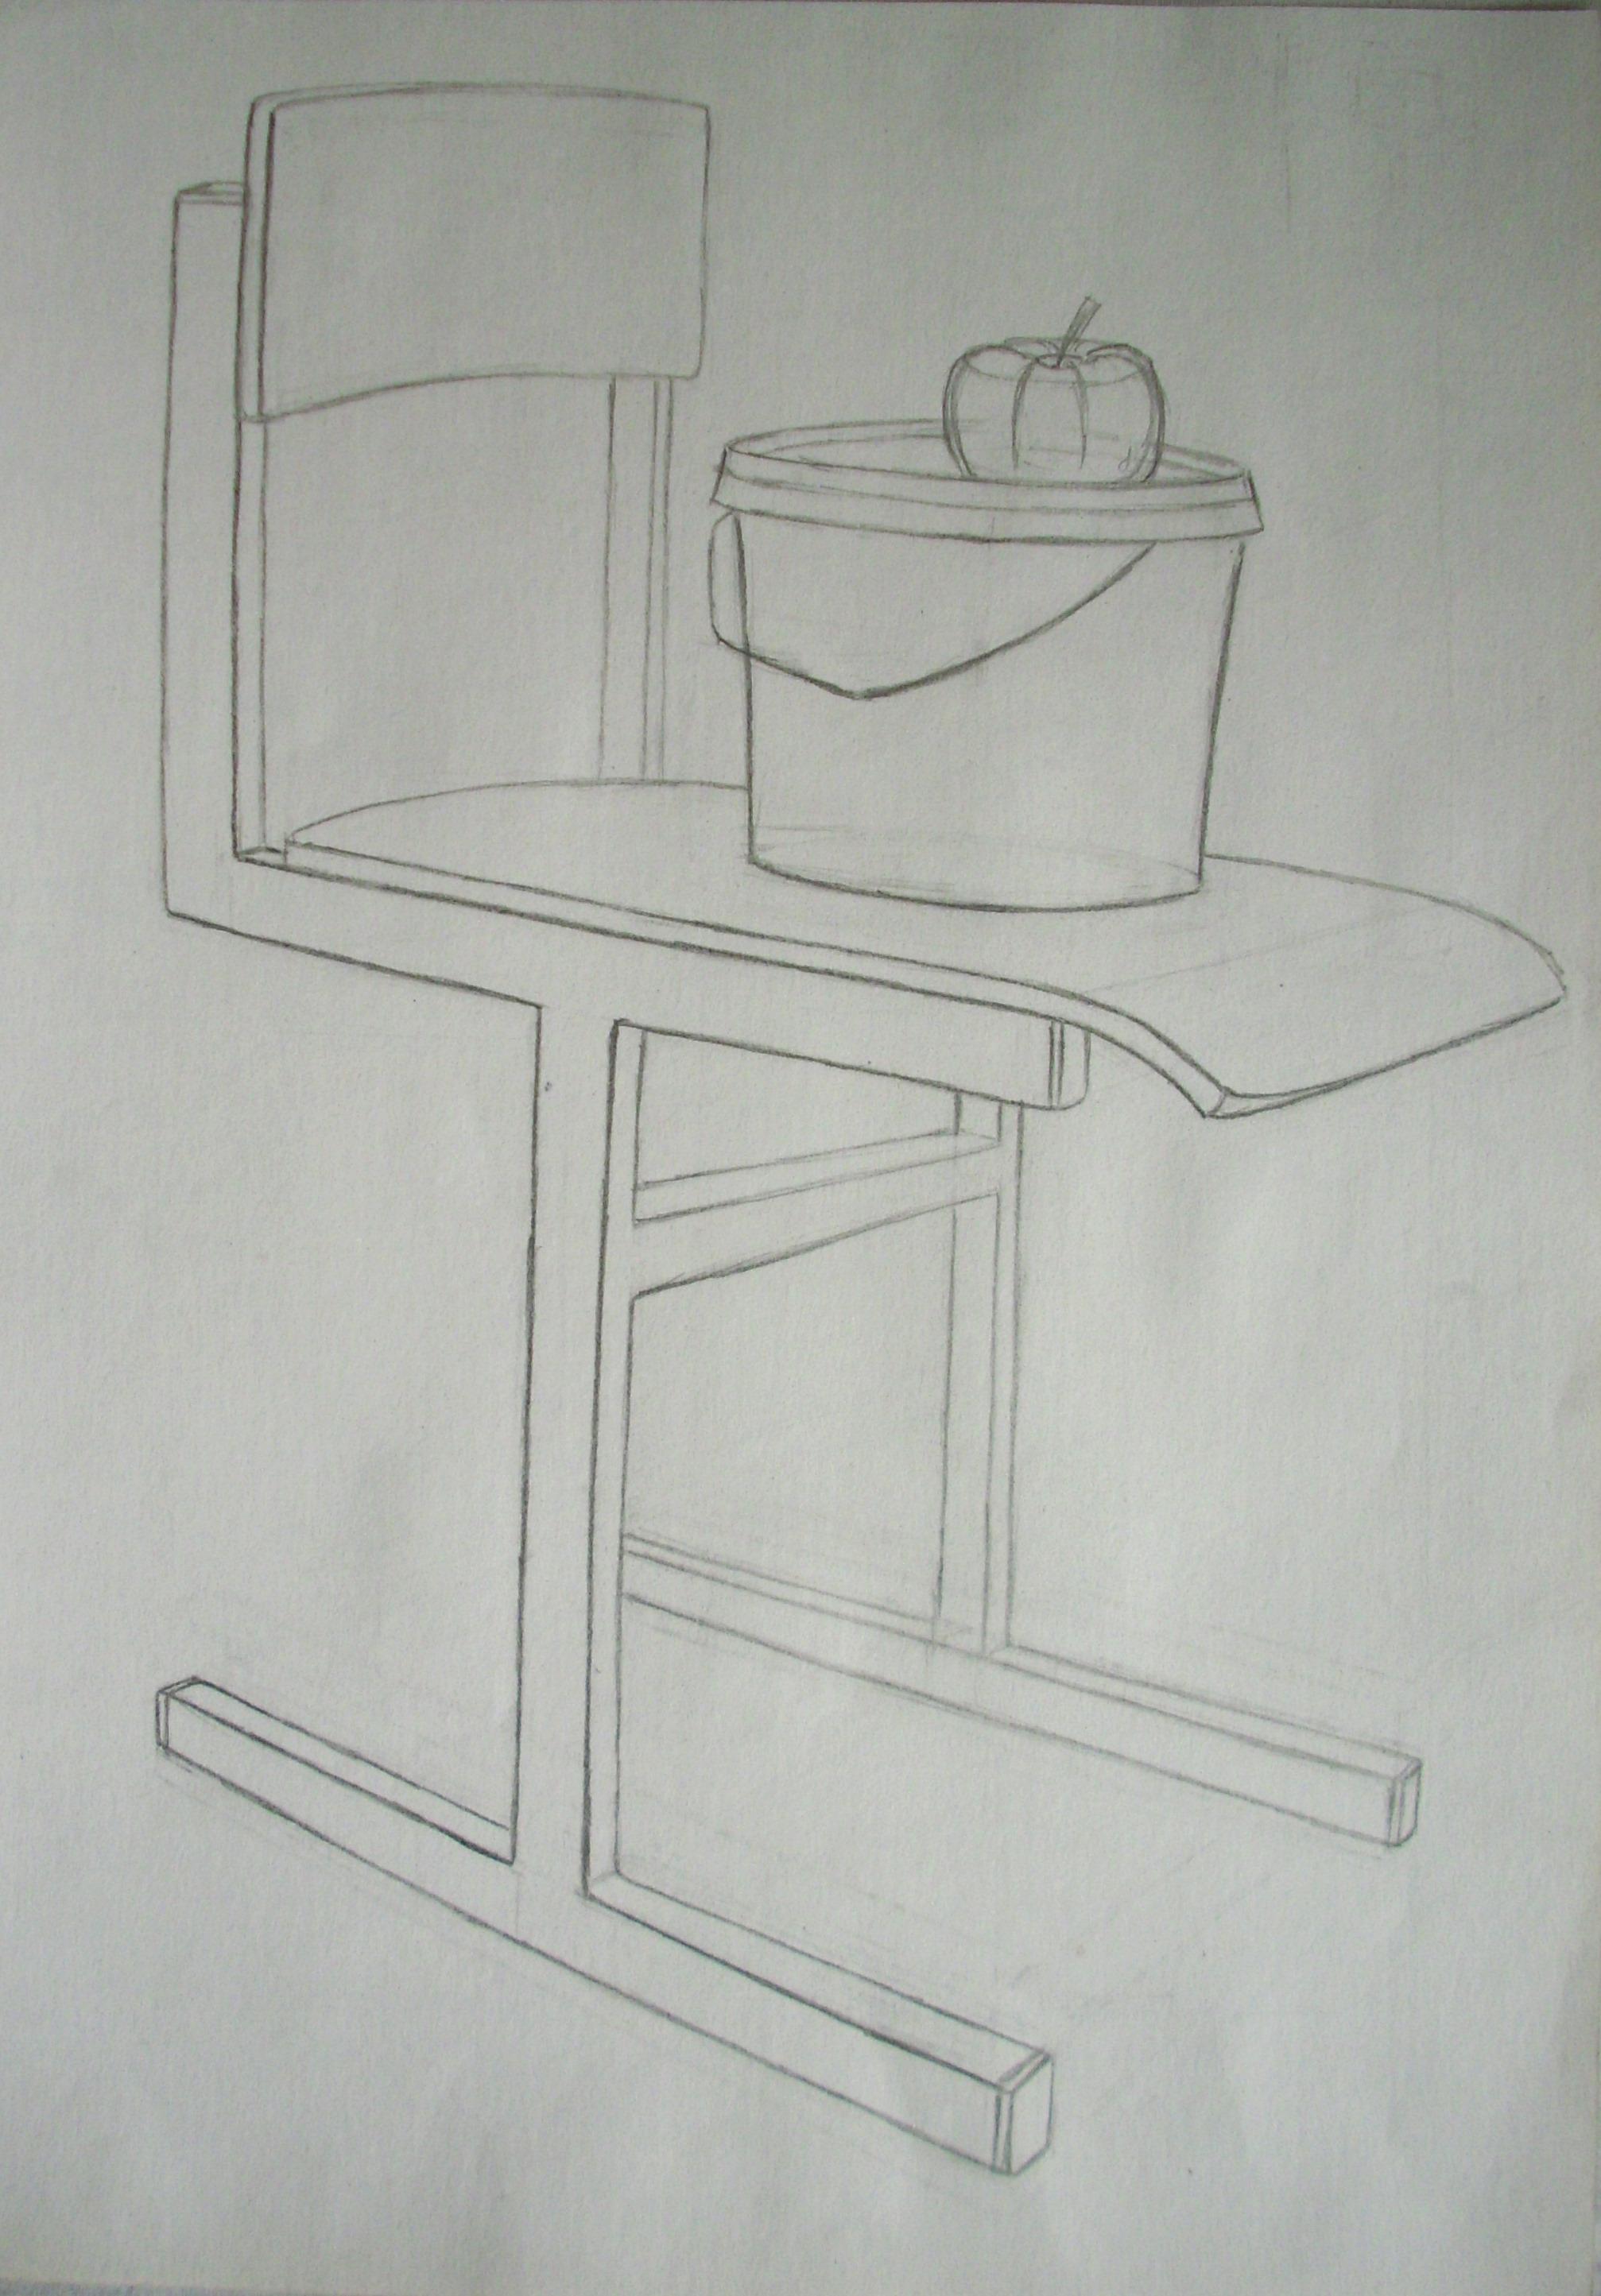 Taip pat kėdės. Labai svarbu išmokti piešti įvairias kėdes, taburetes. Per egzaminą man teko piešti taburetę